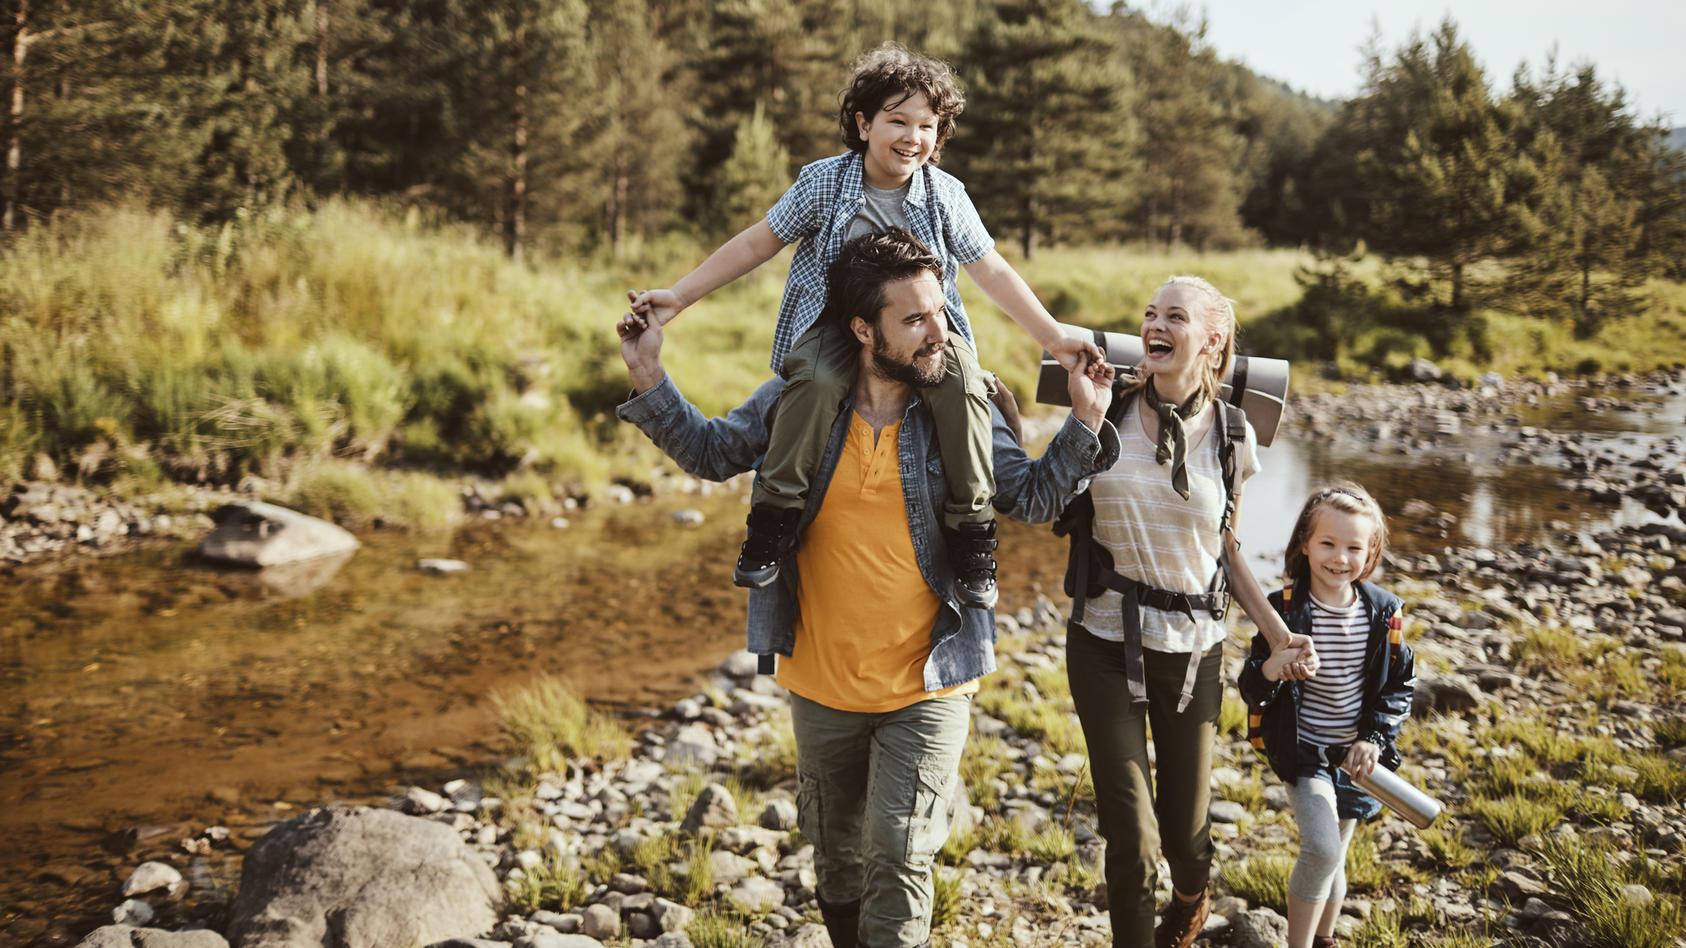 Mit bequemen und sicheren Schuhen macht Wandern richtig Spaß